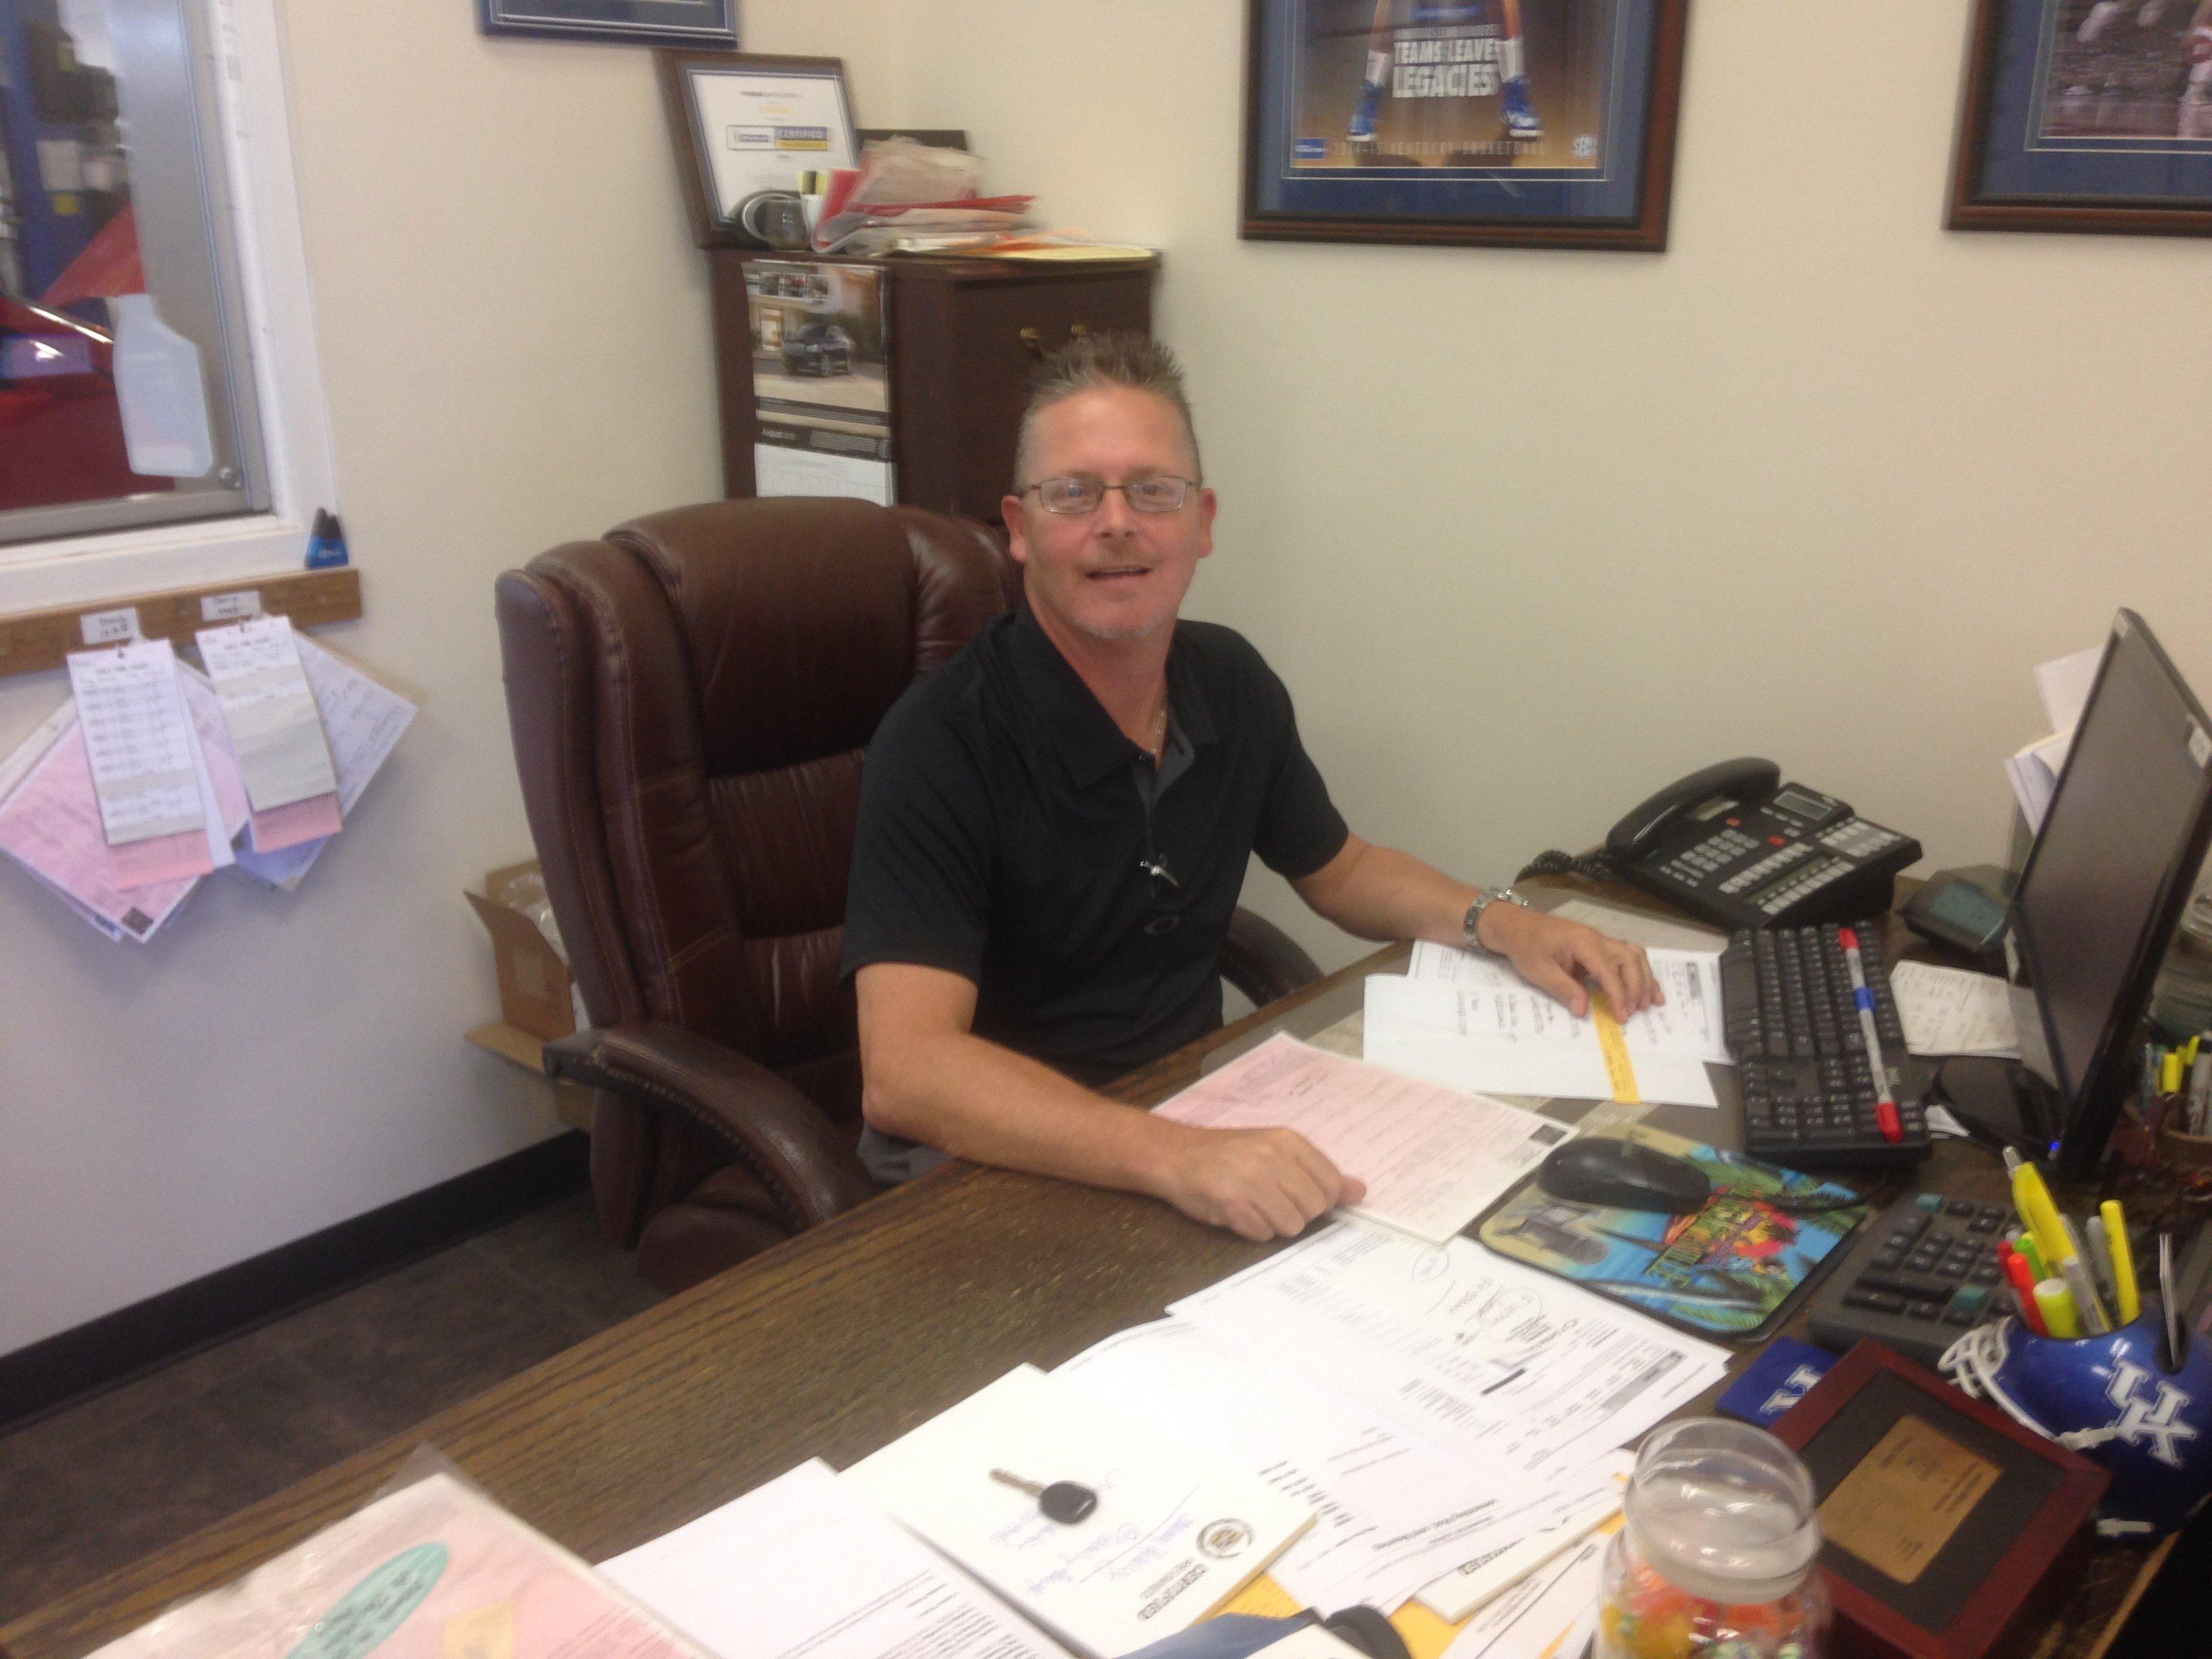 JR Sliter - GM Service Manager